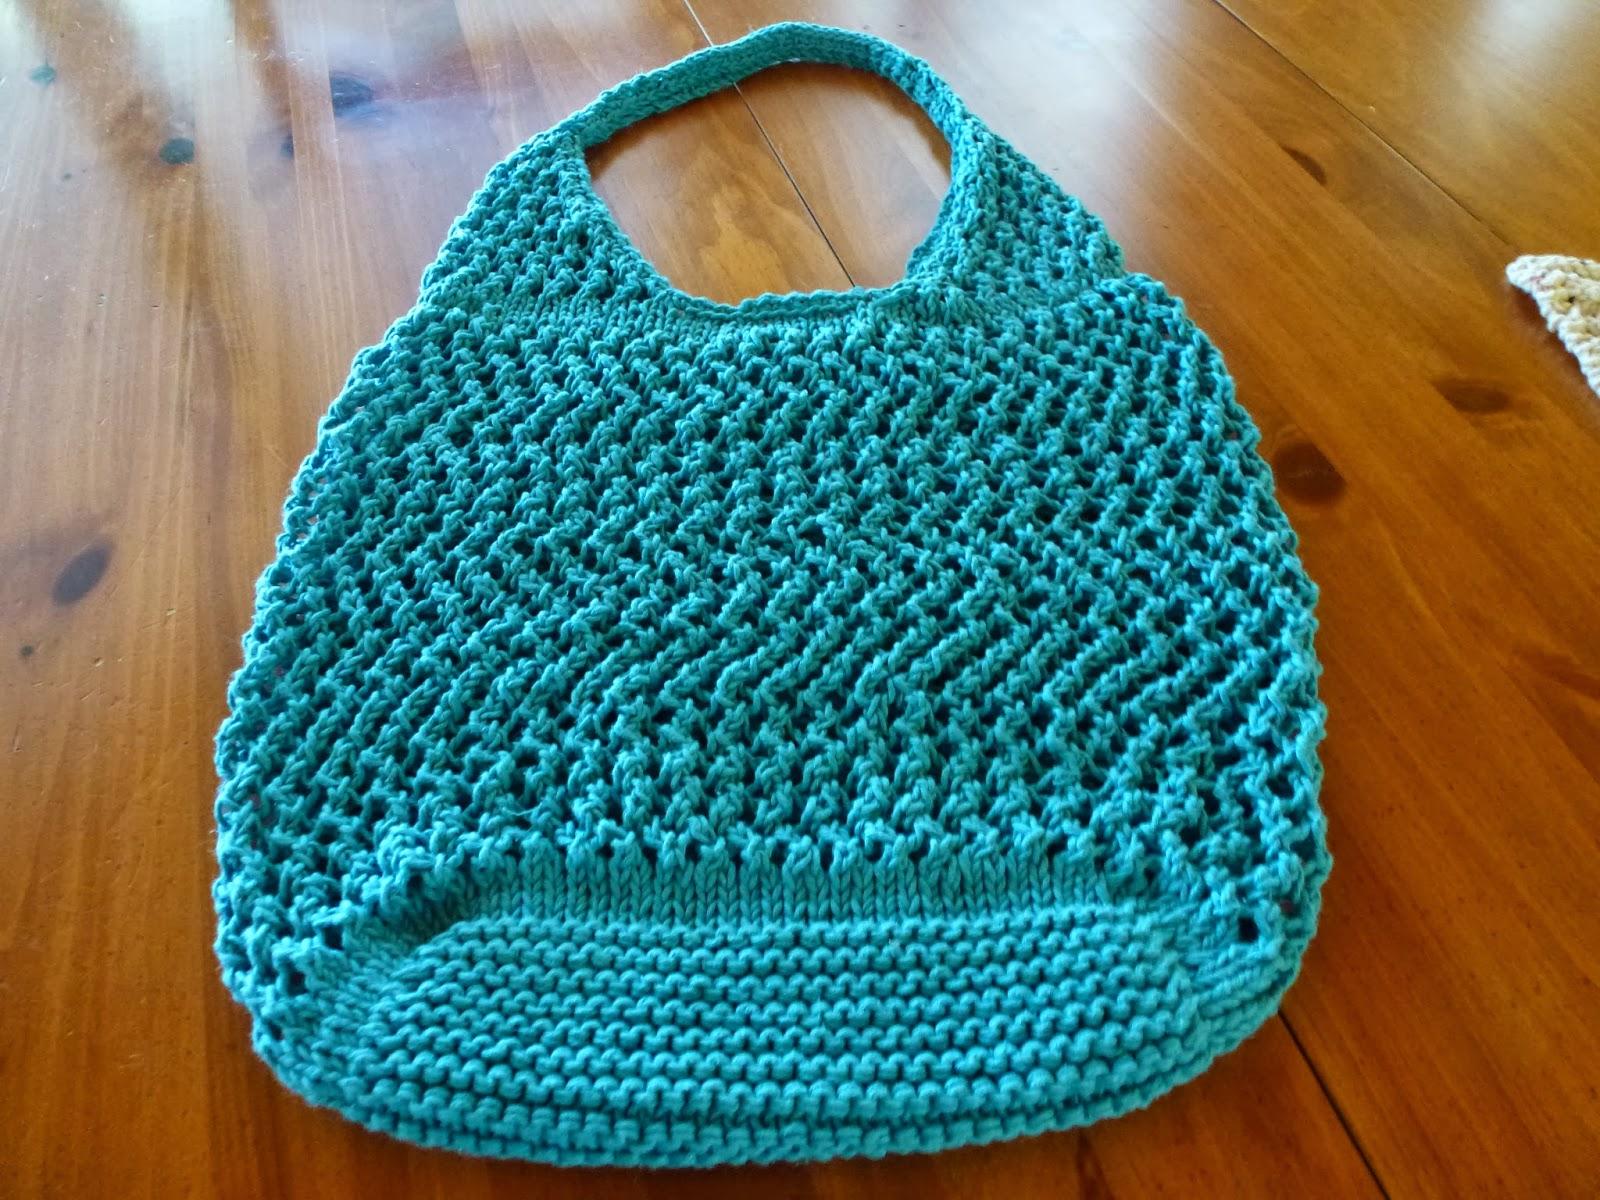 I Sit and Knit: November 2013